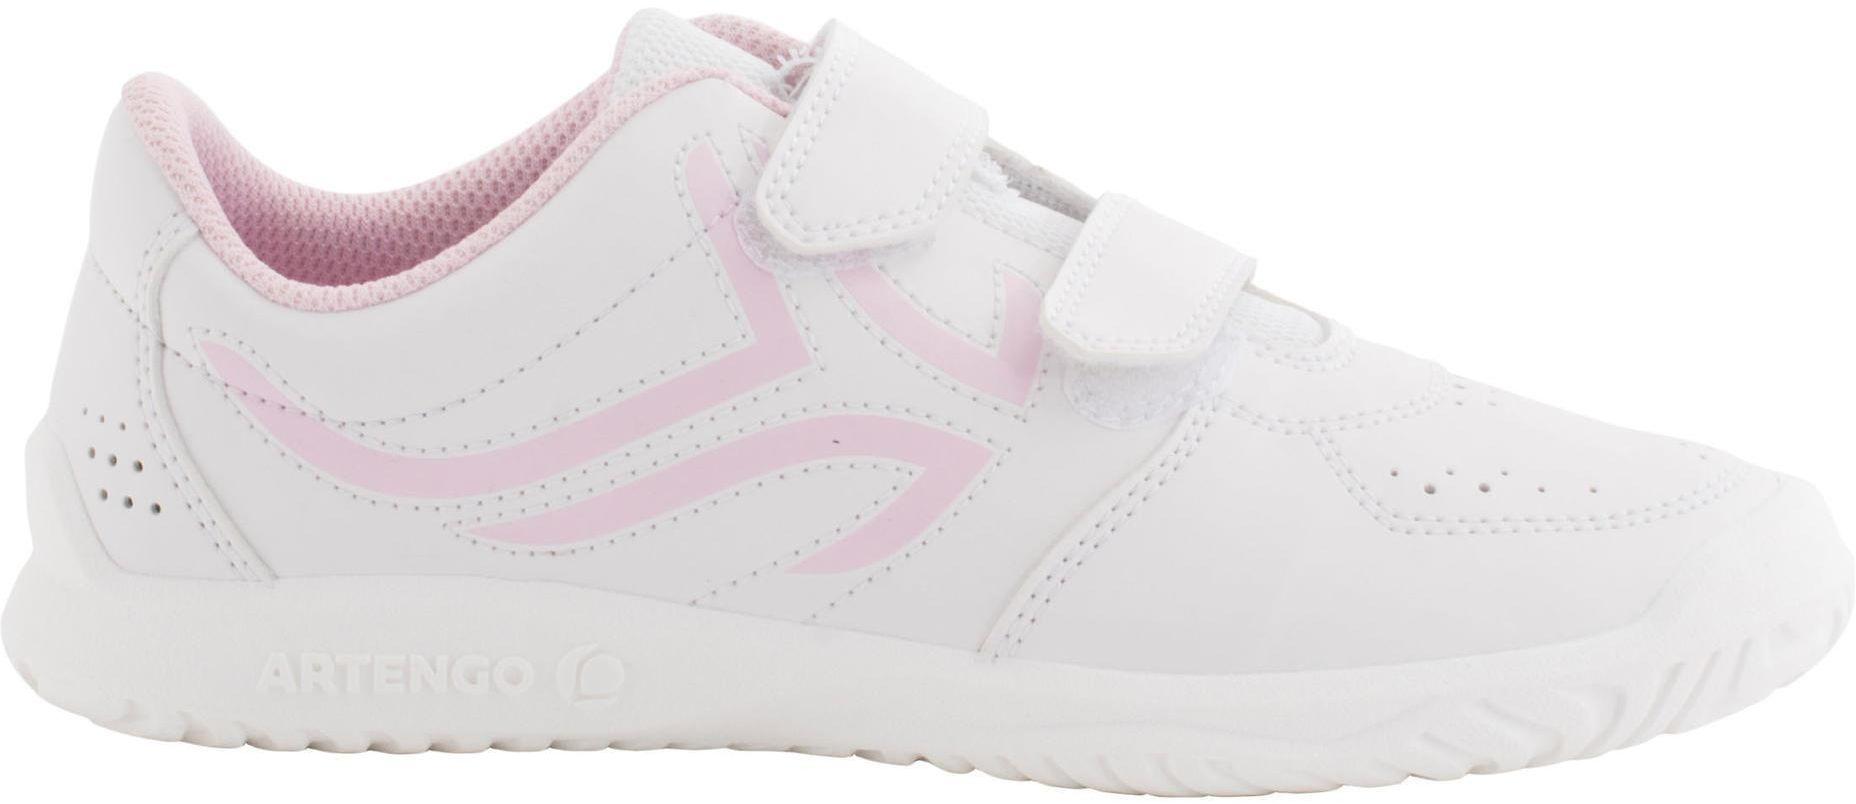 Buty tenisowe TS100 dla dzieci na rzepy